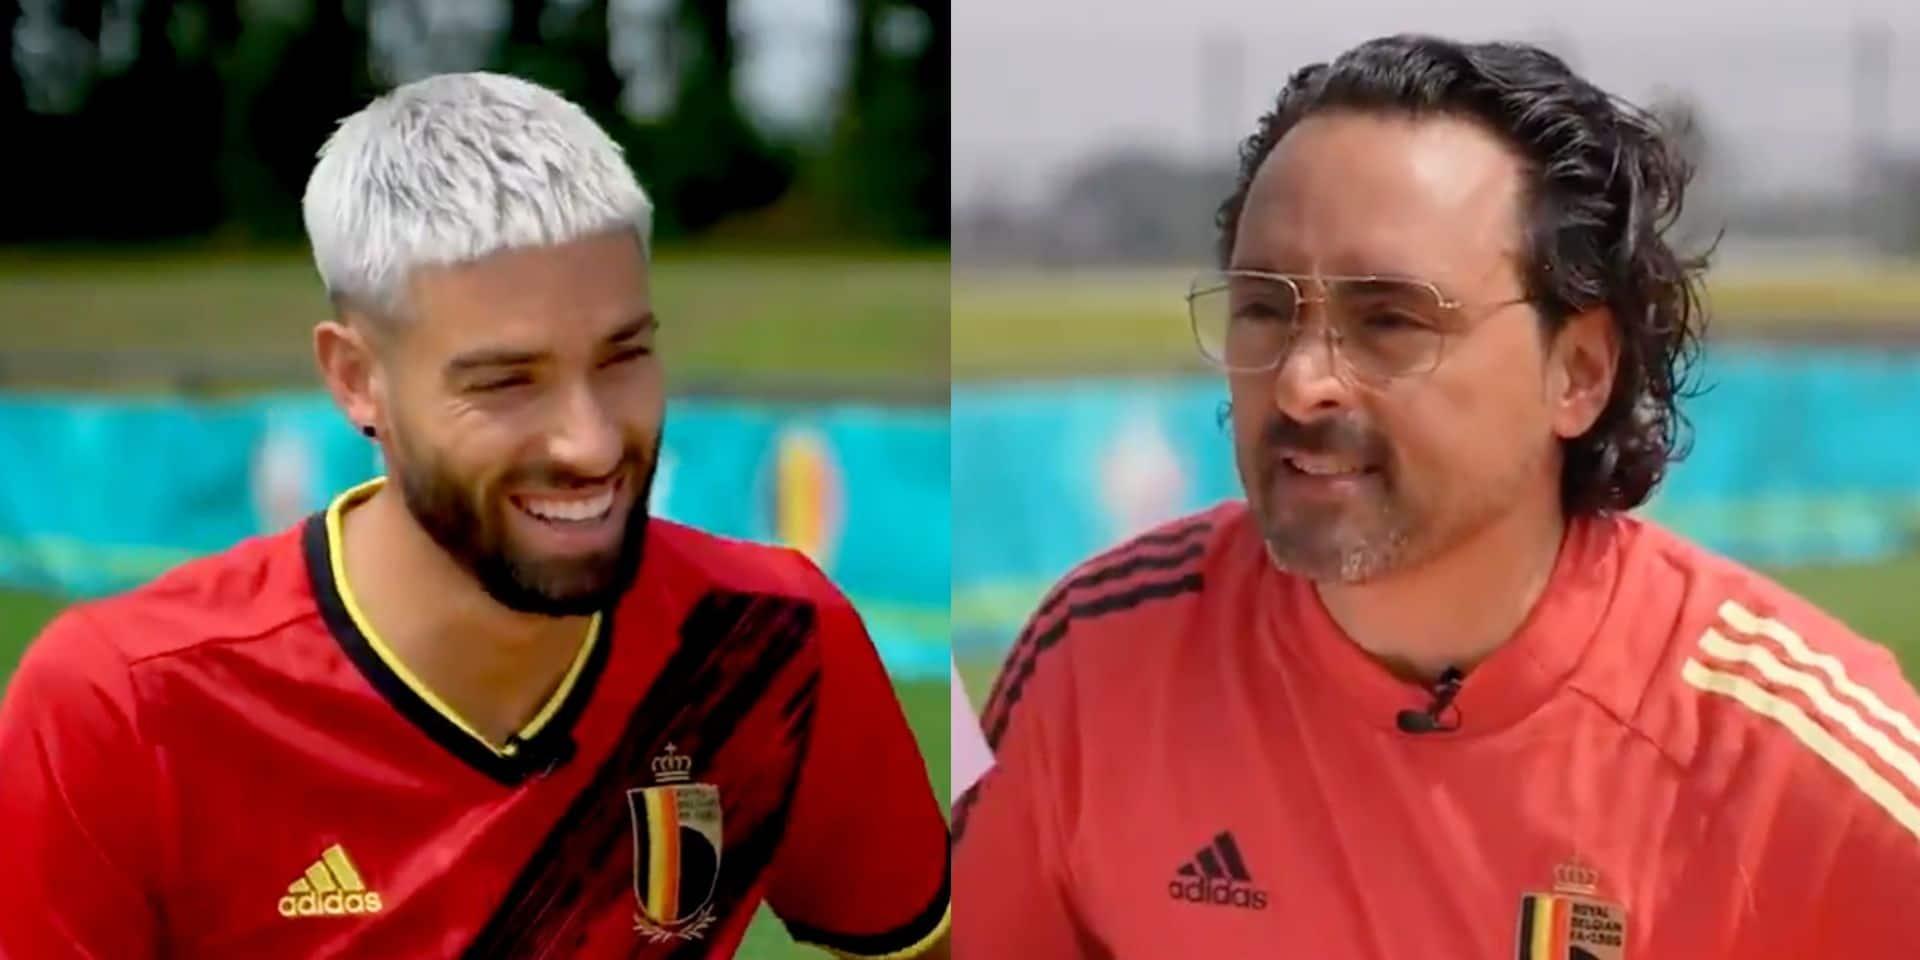 """""""Et mettre du Tipex sur tes cheveux, cela n'abîme pas ta coupe?"""": Pablo Andres charrie Carrasco avant l'Euro (VIDEO)"""